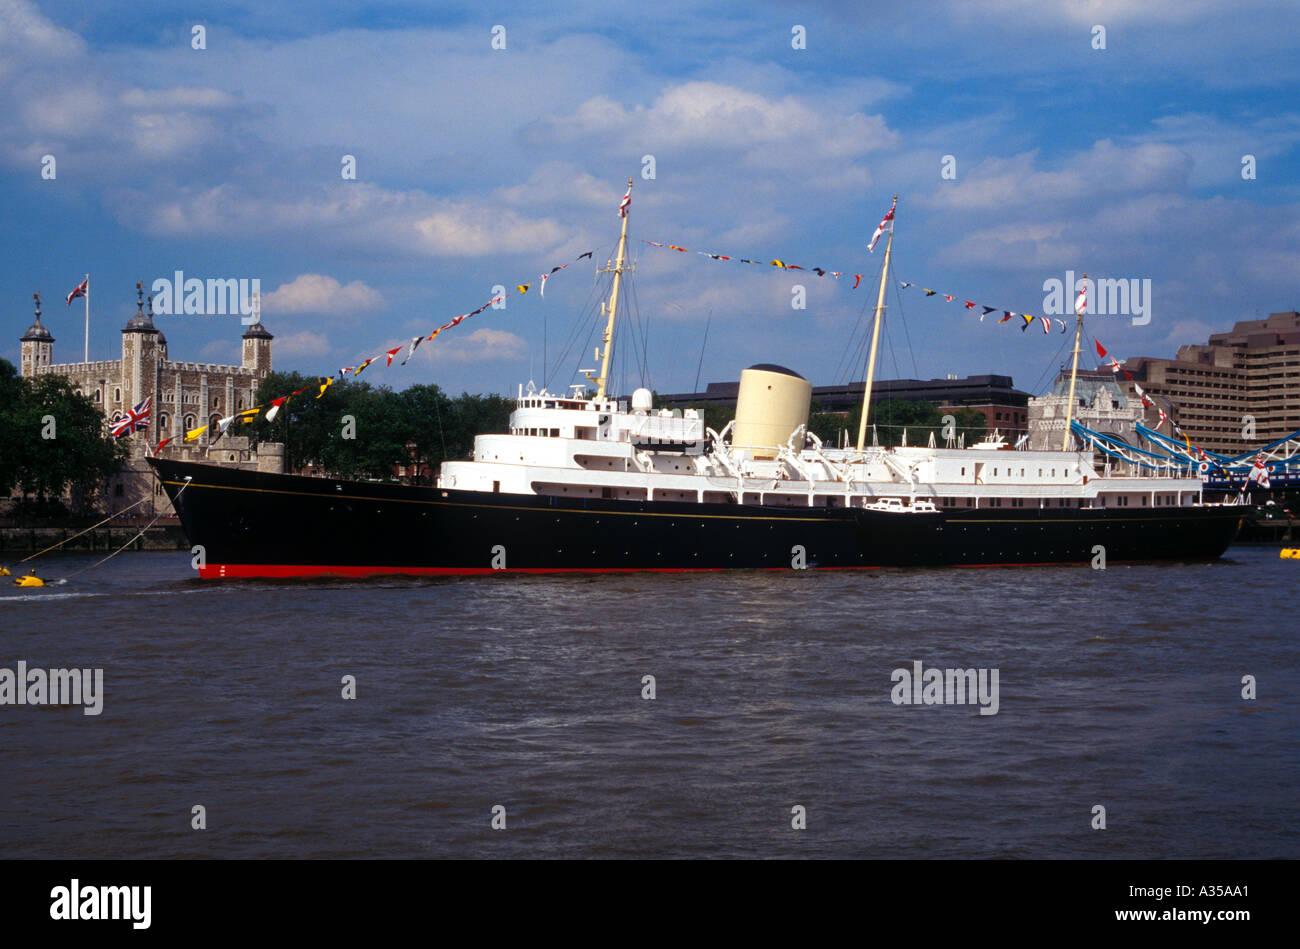 Il Royal Yacht Britannia ormeggiato sul fiume Tamigi con la Torre di Londra in background Inghilterra 1994 Immagini Stock